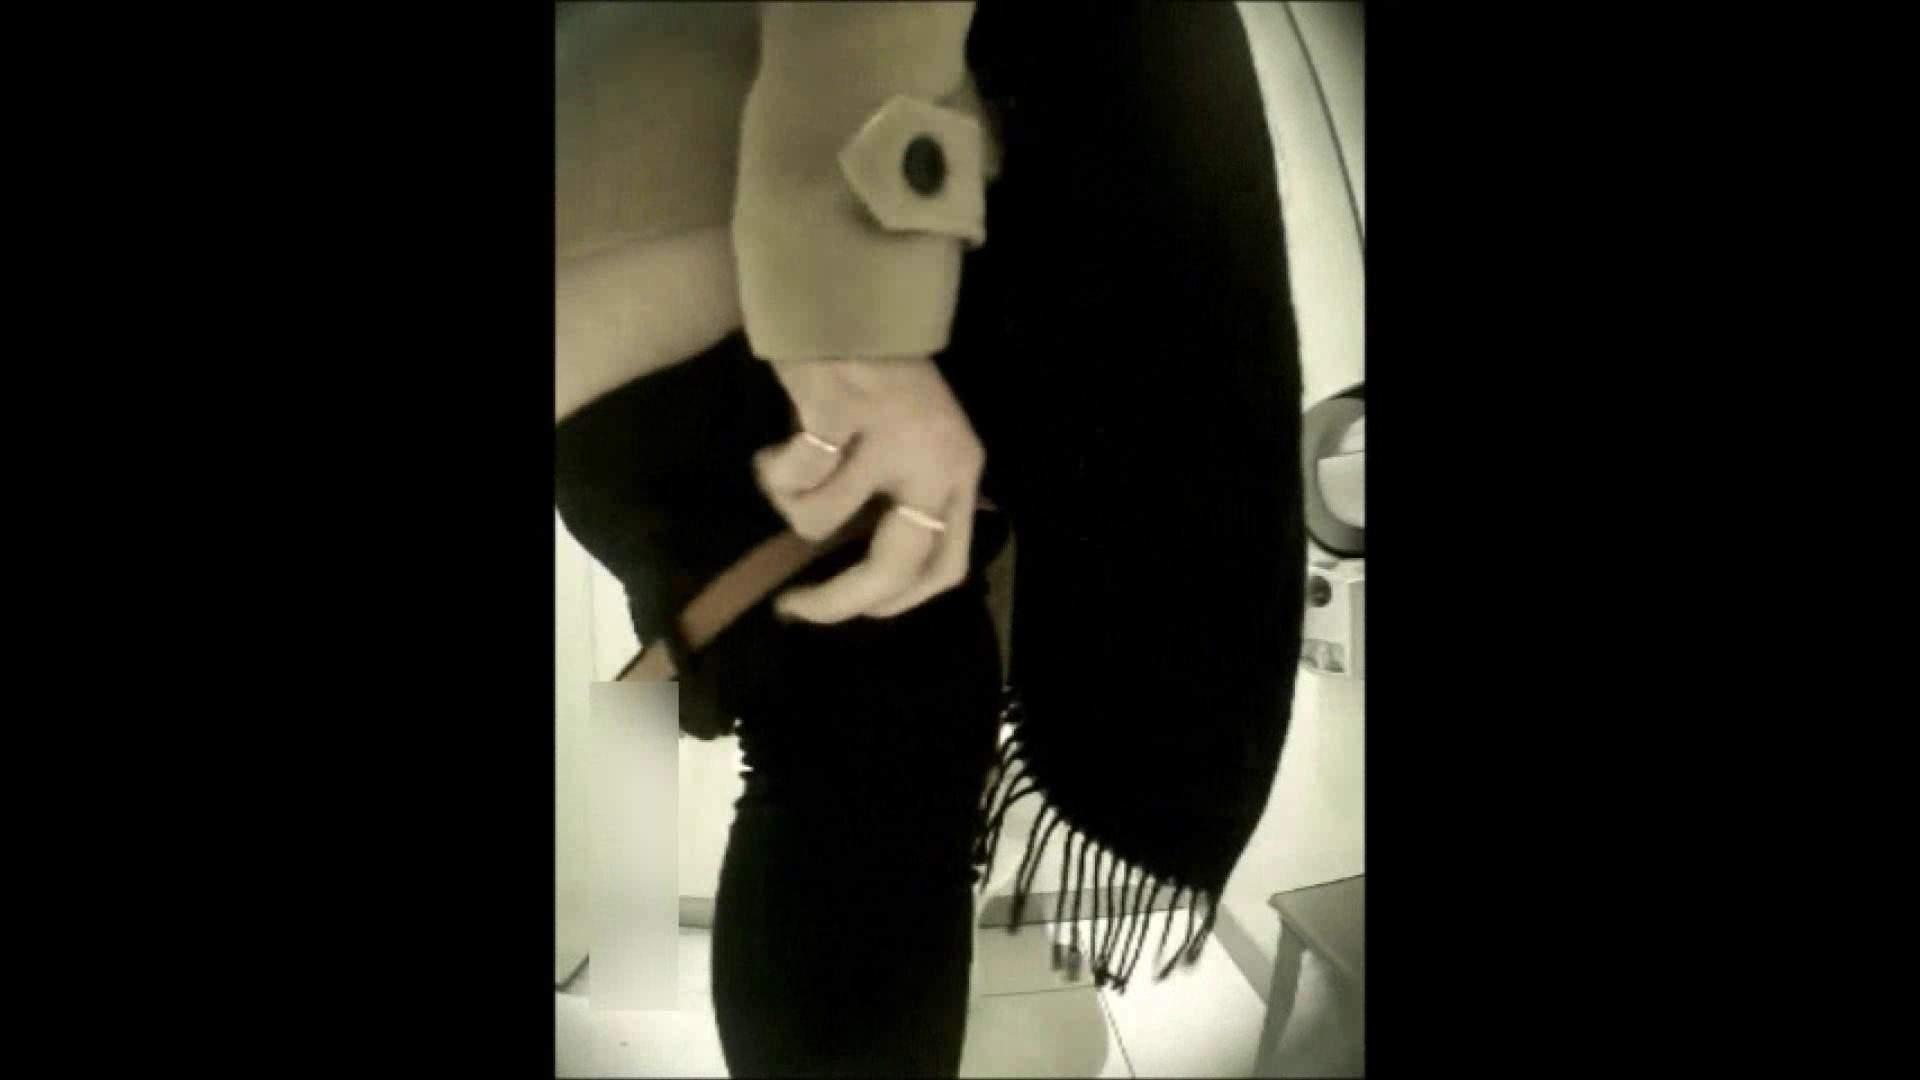 洗面所盗撮~隣の美人お姉さんVol.14 HなOL オマンコ無修正動画無料 94pic 74